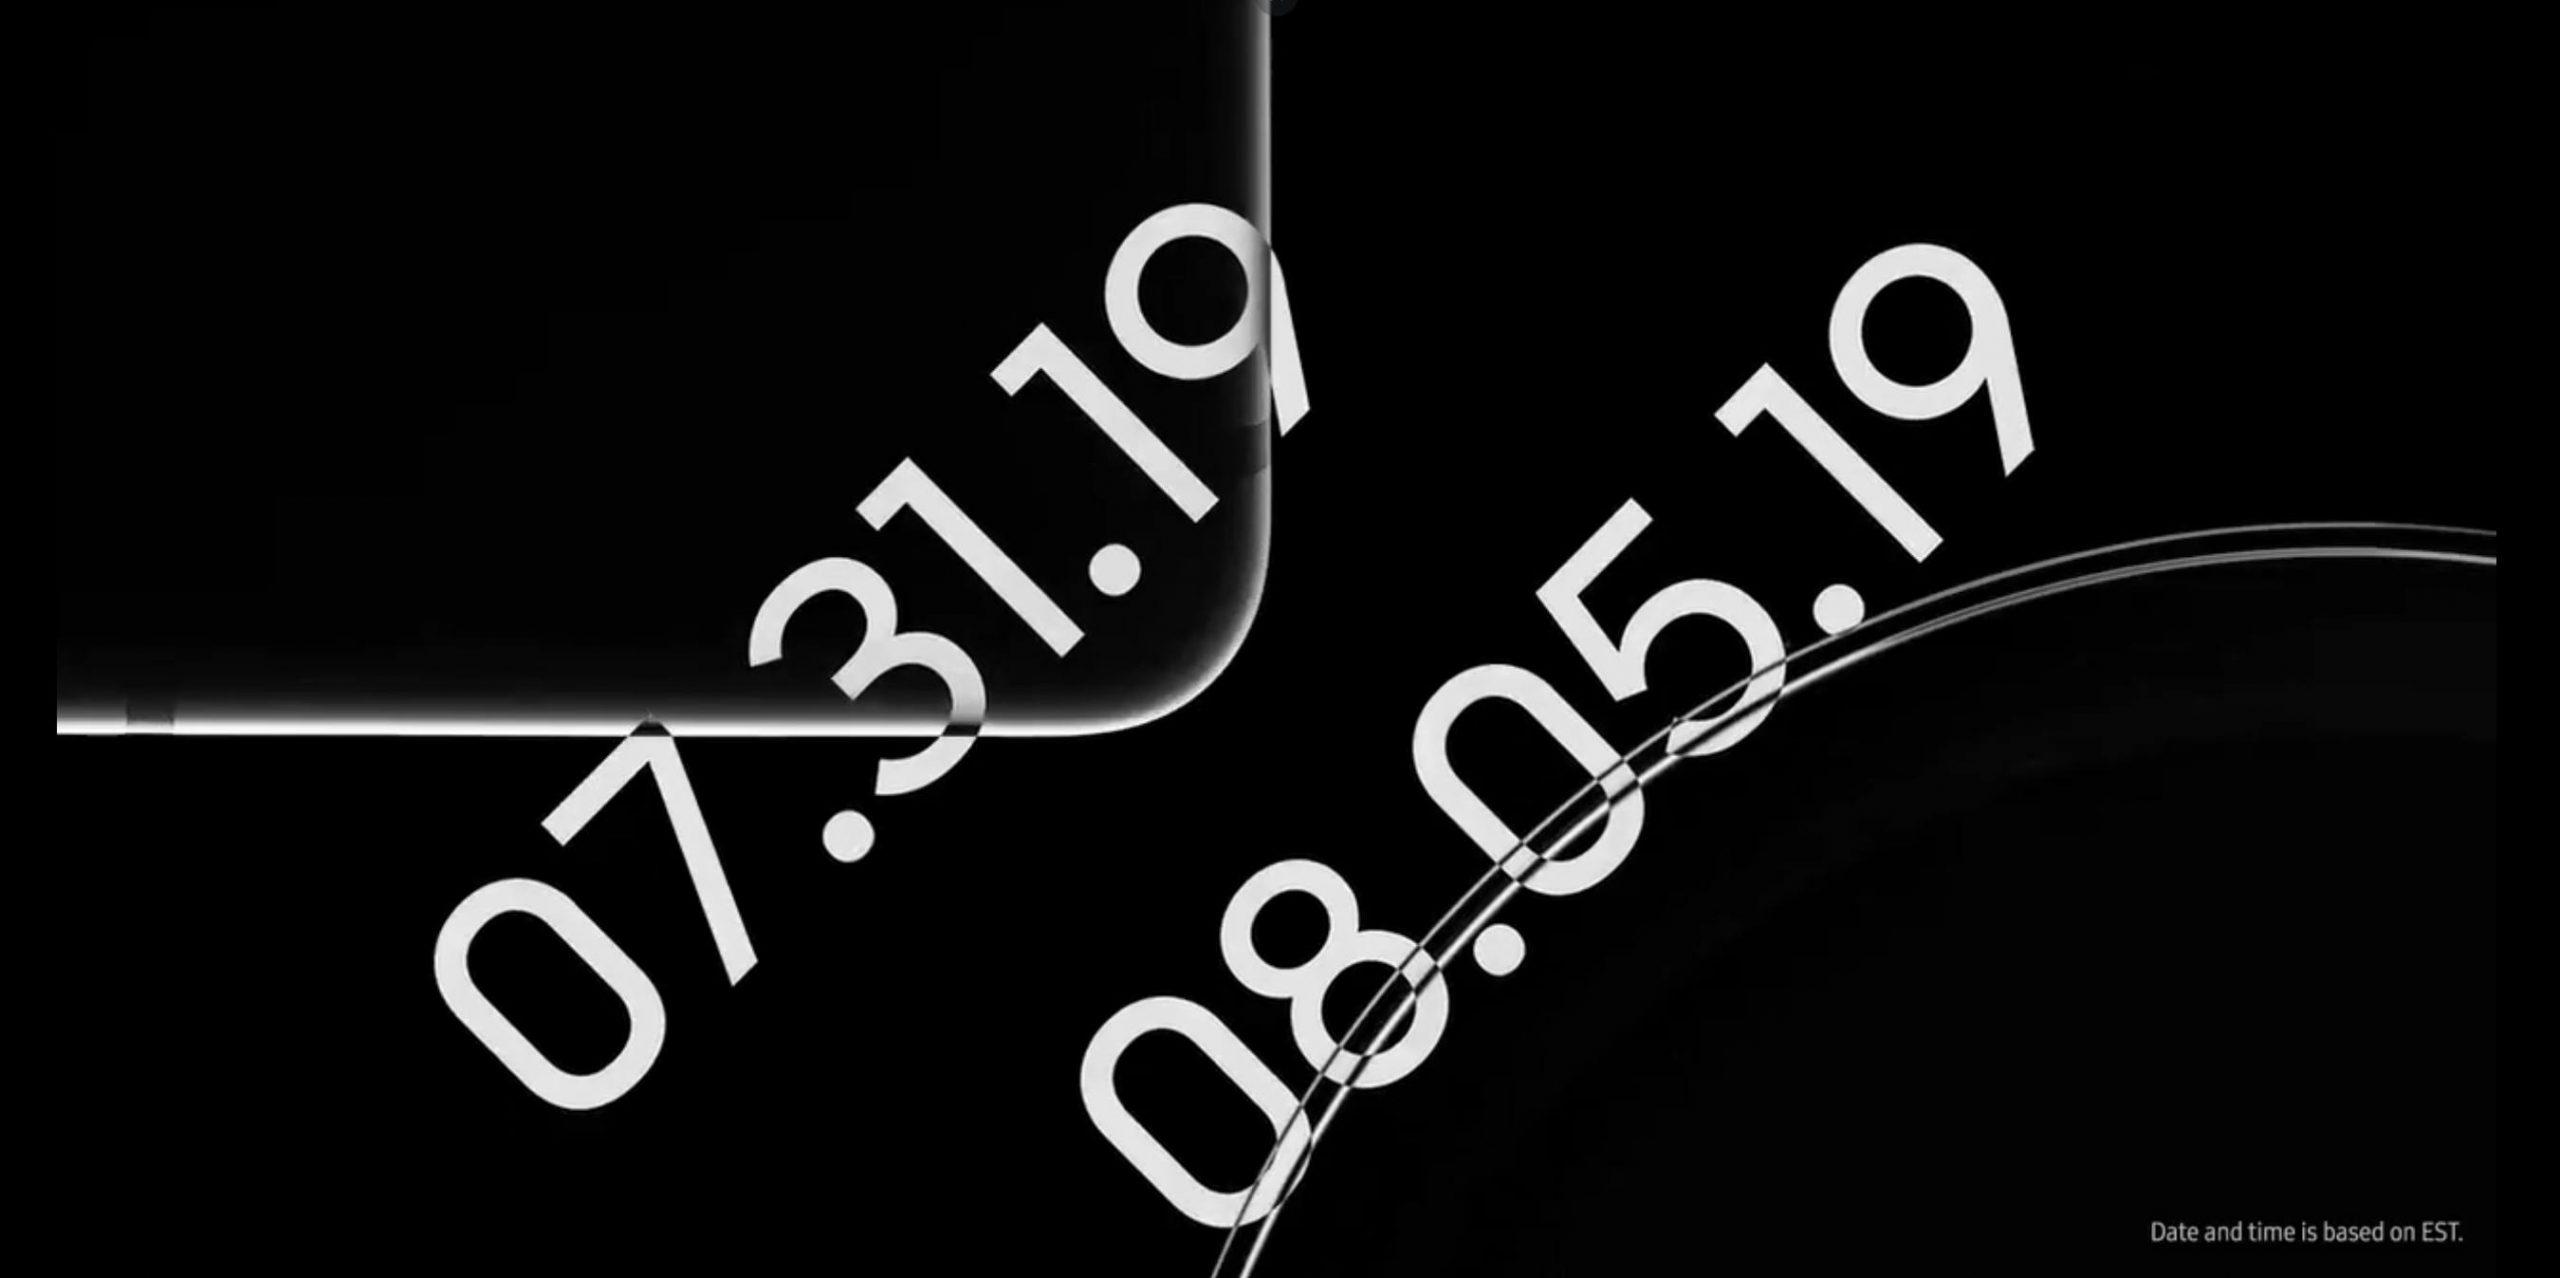 Samsung-ek bi produktu hauek aurkeztuko ditu aurretik Galaxy 10. oharra